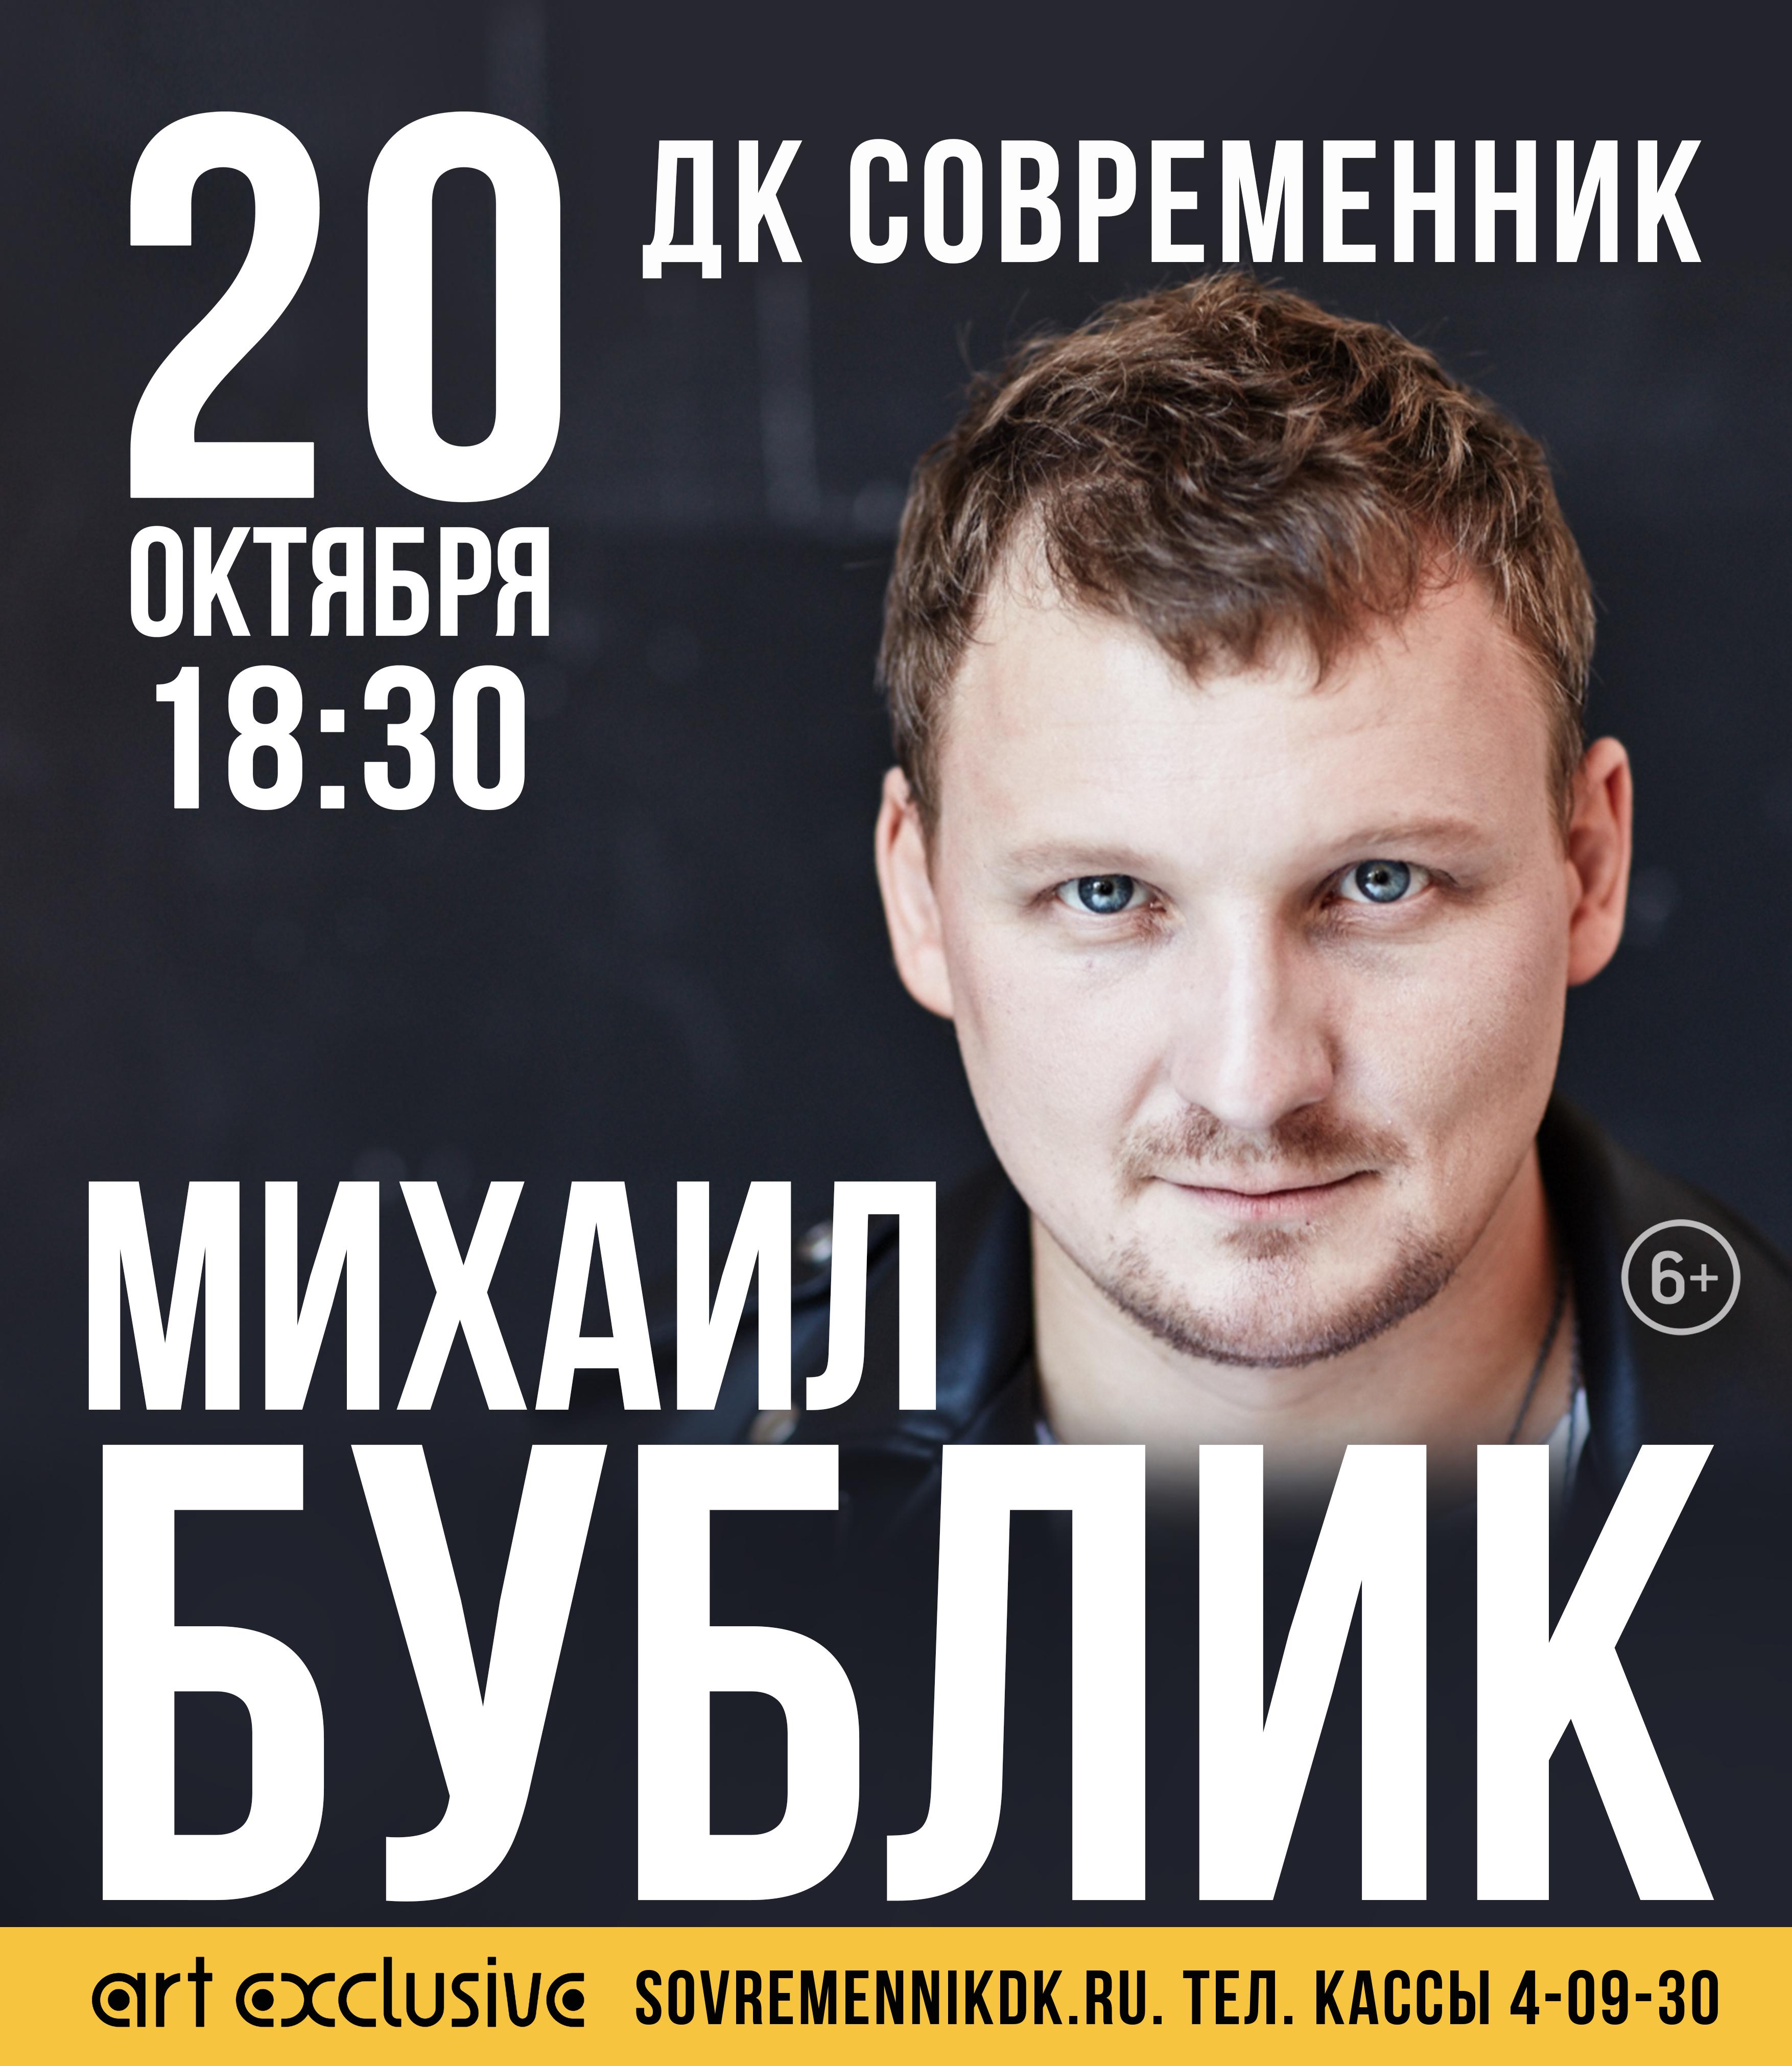 Михаил Бублик , г. Ковров, ДК Современник